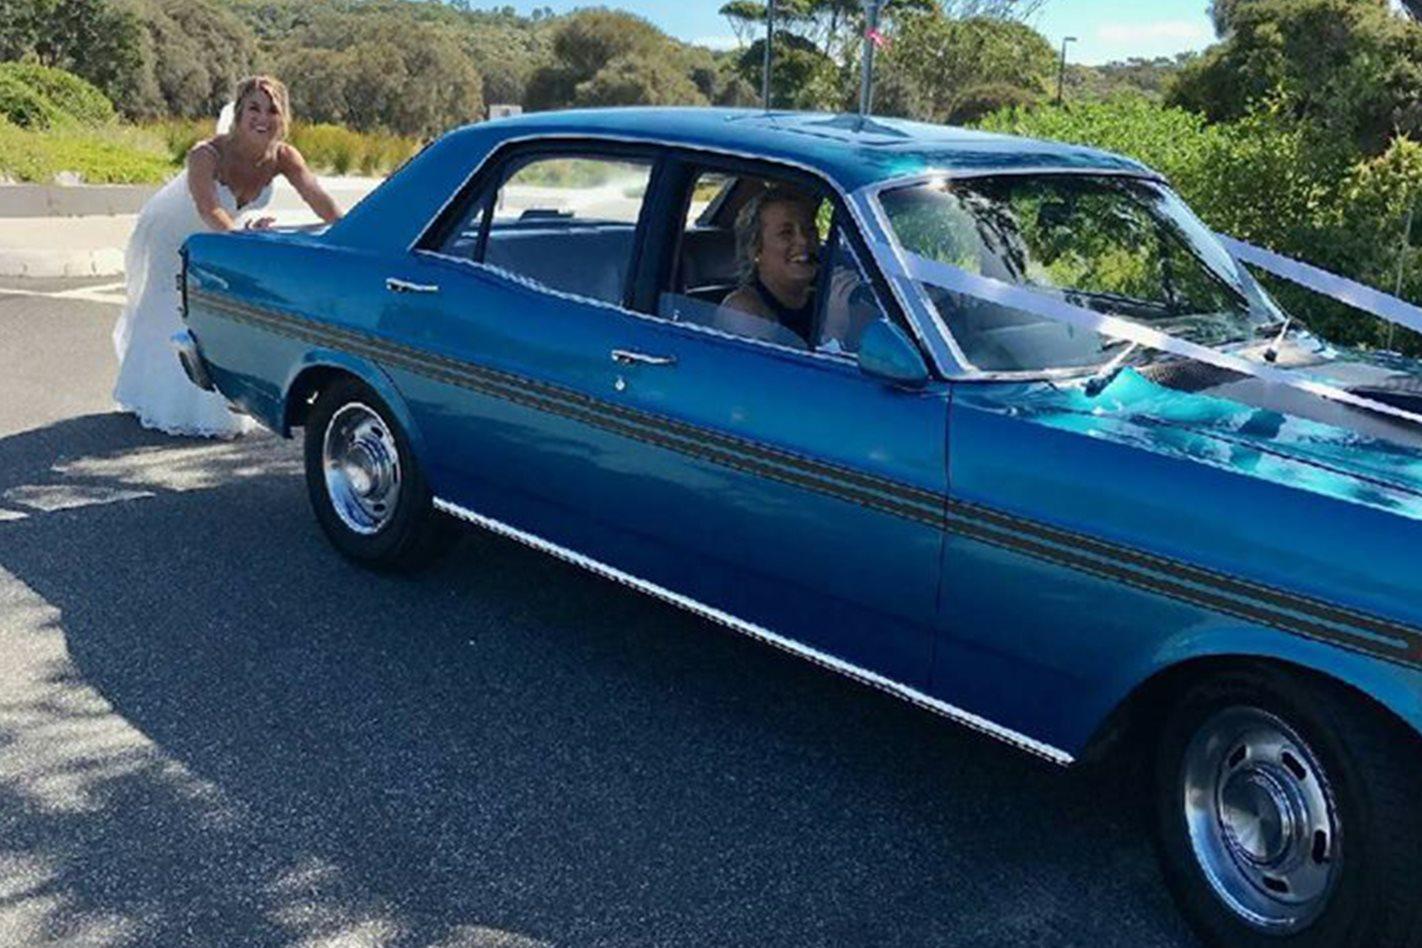 Jason Young's Falcon wedding car